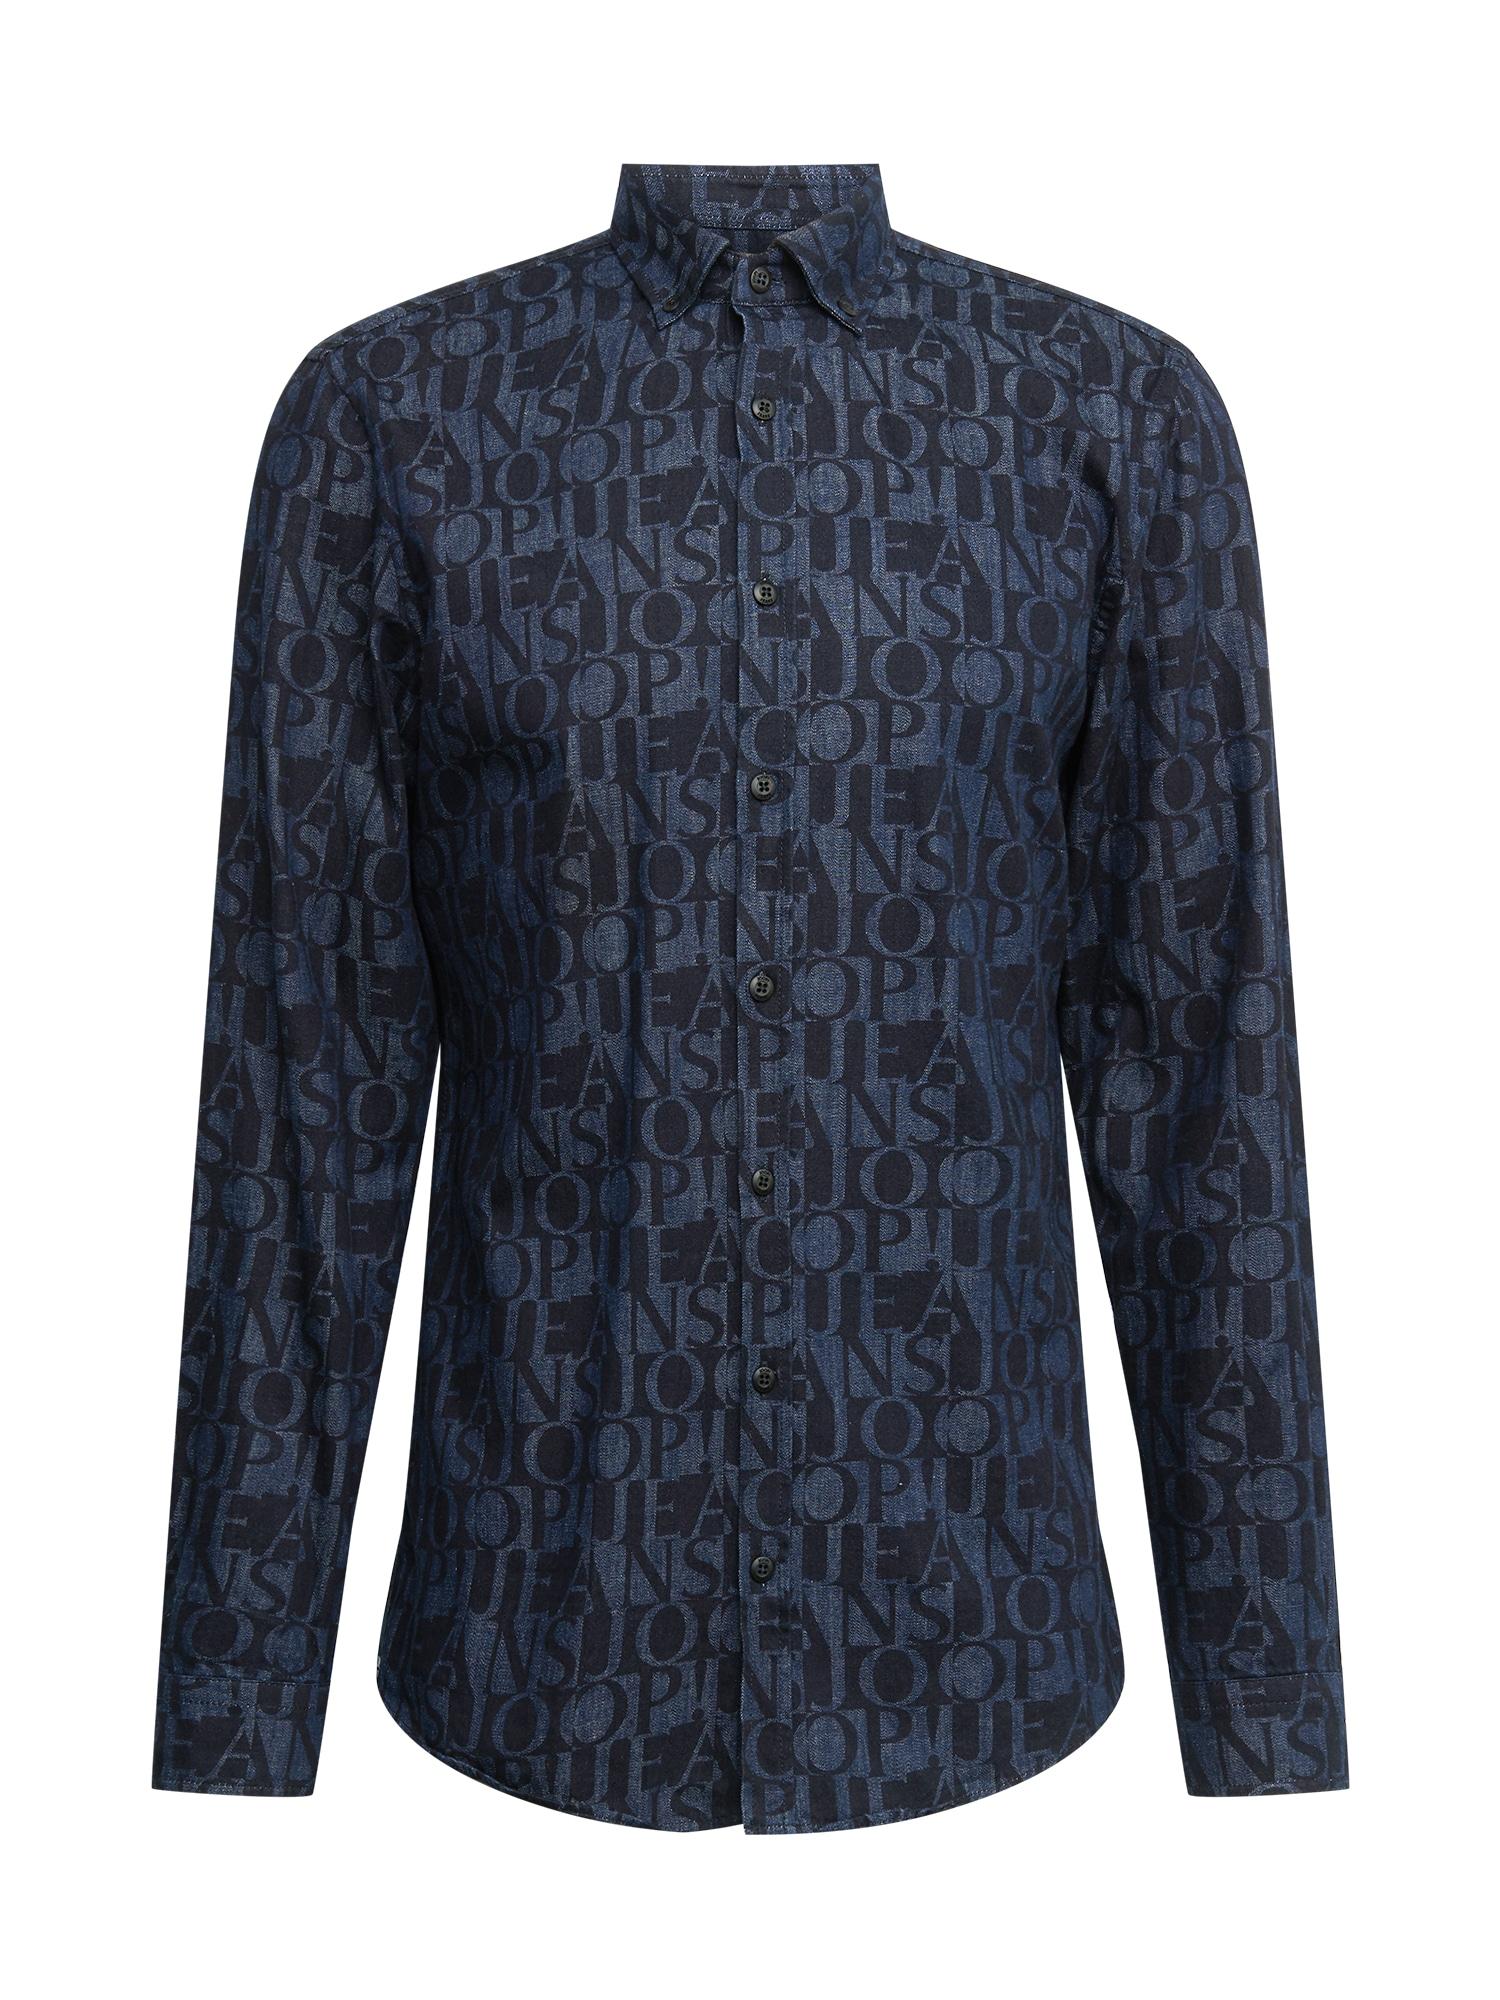 JOOP! Jeans Košile 'Heli'  tmavě modrá / modrá džínovina